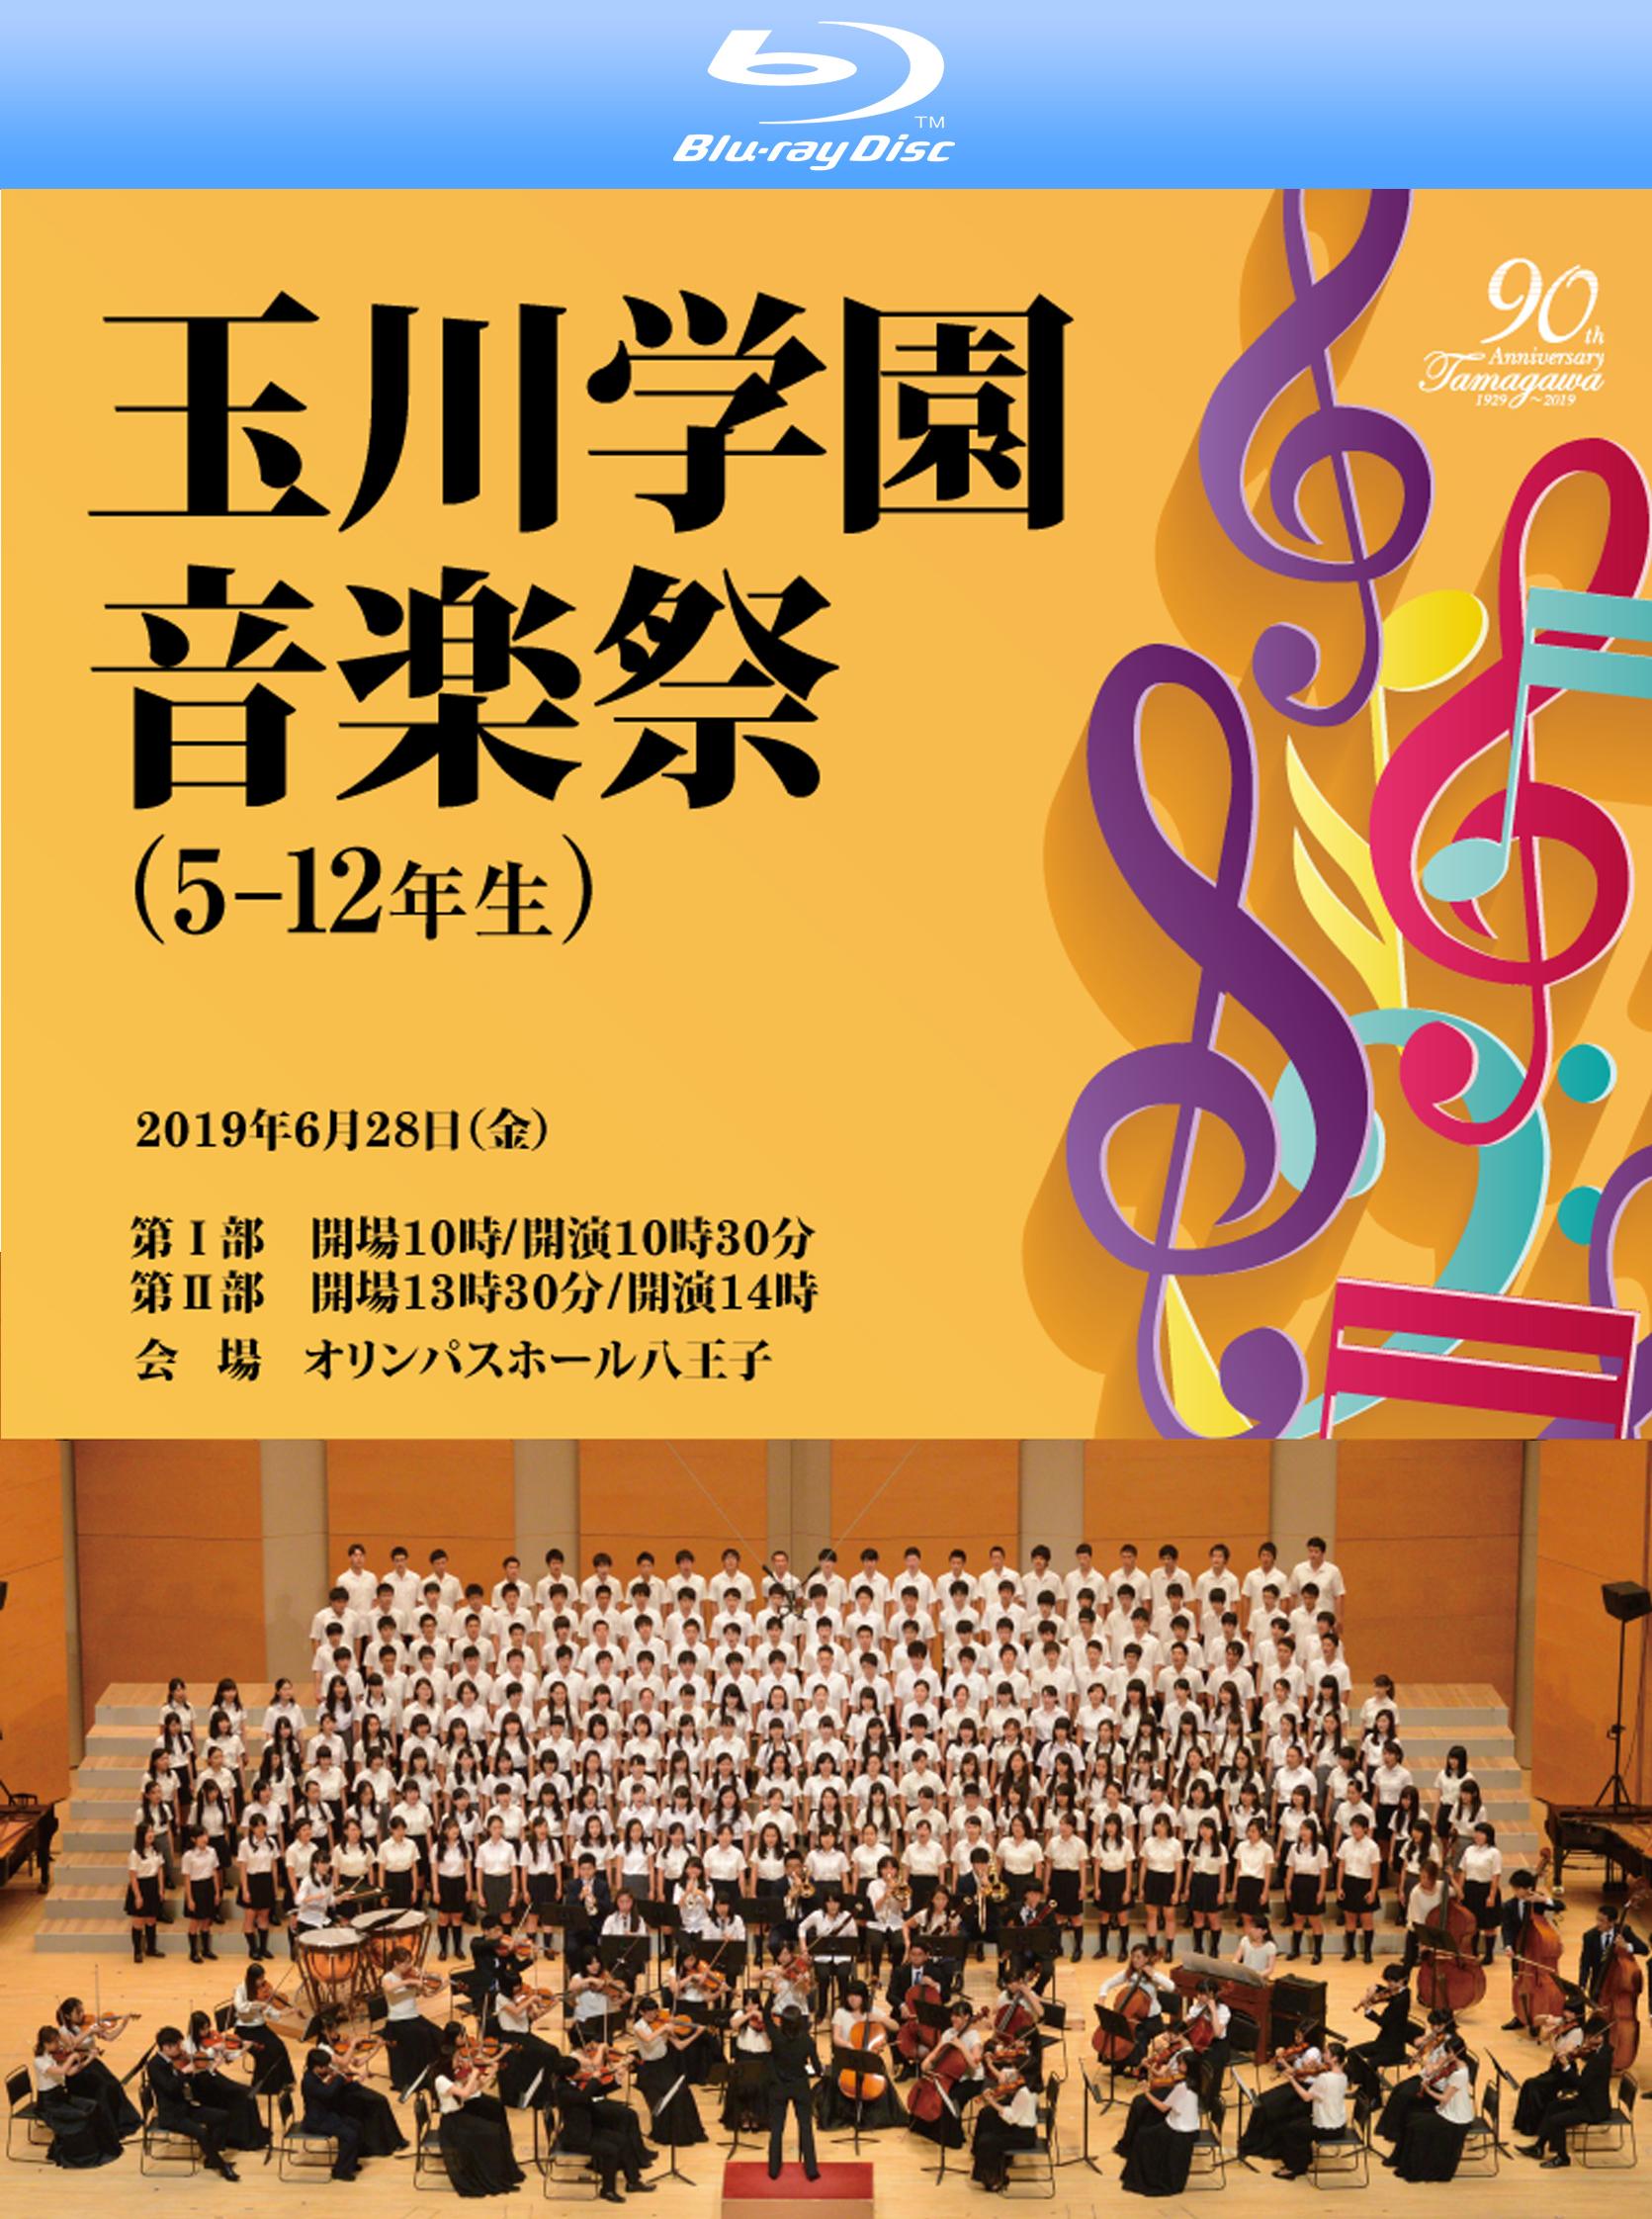 2019年玉川学園音楽祭(5-12年生)【BD】